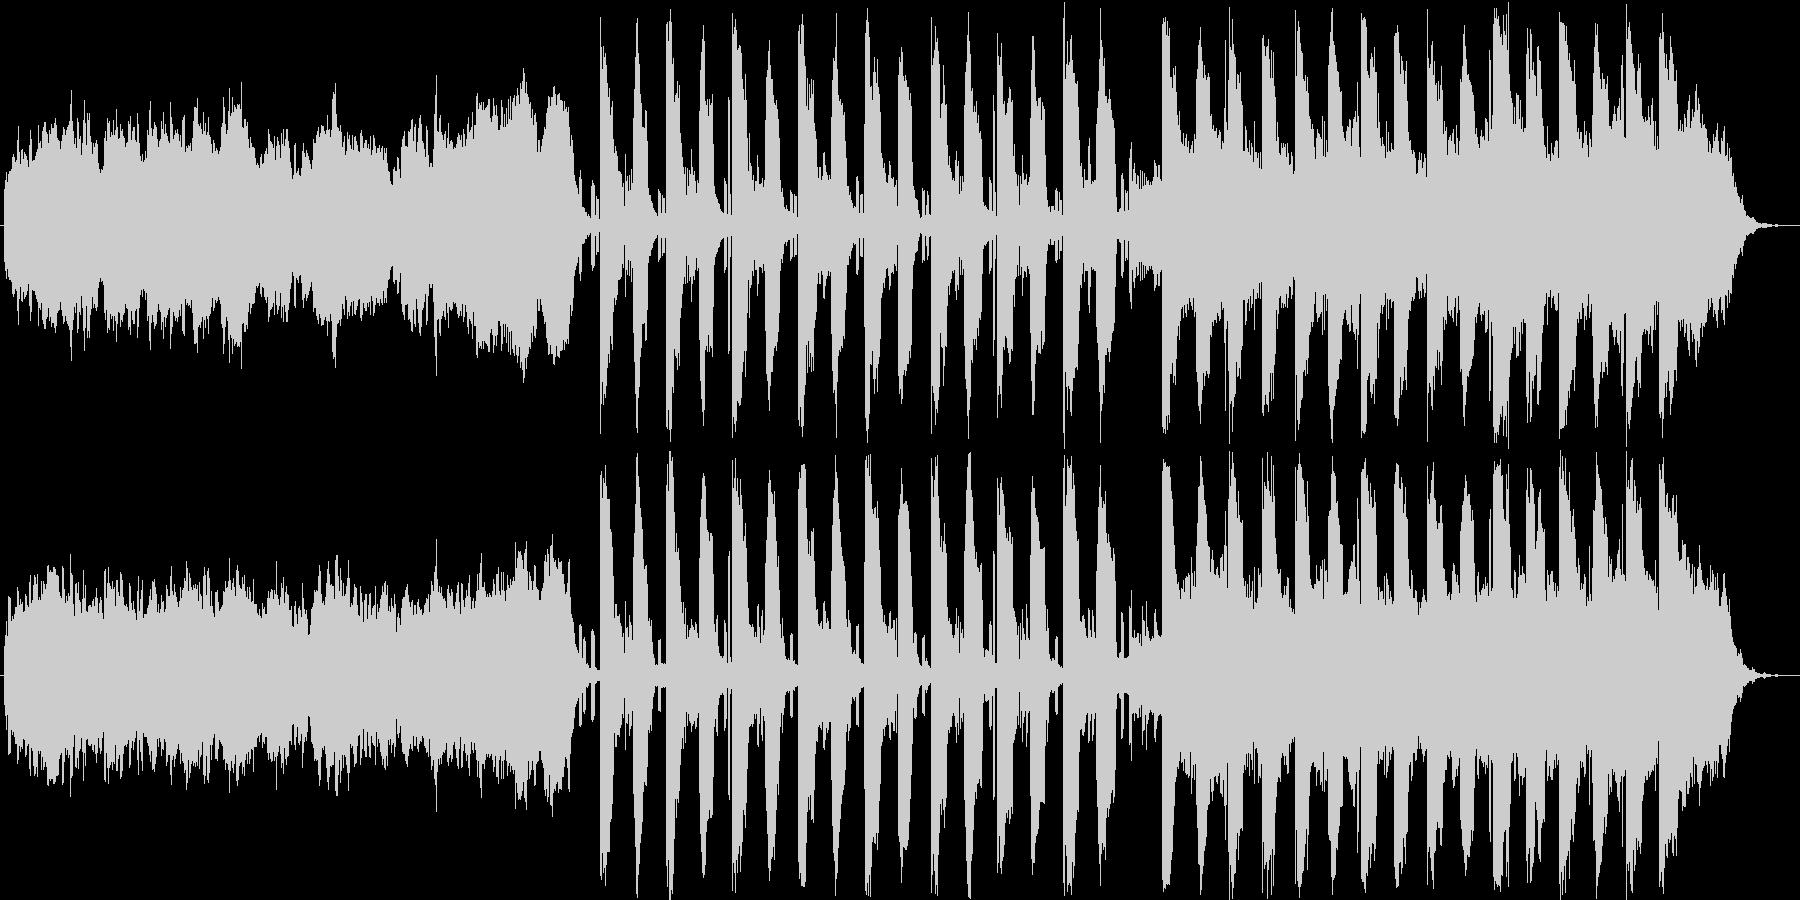 ダークな音色でコードメインの楽曲の未再生の波形